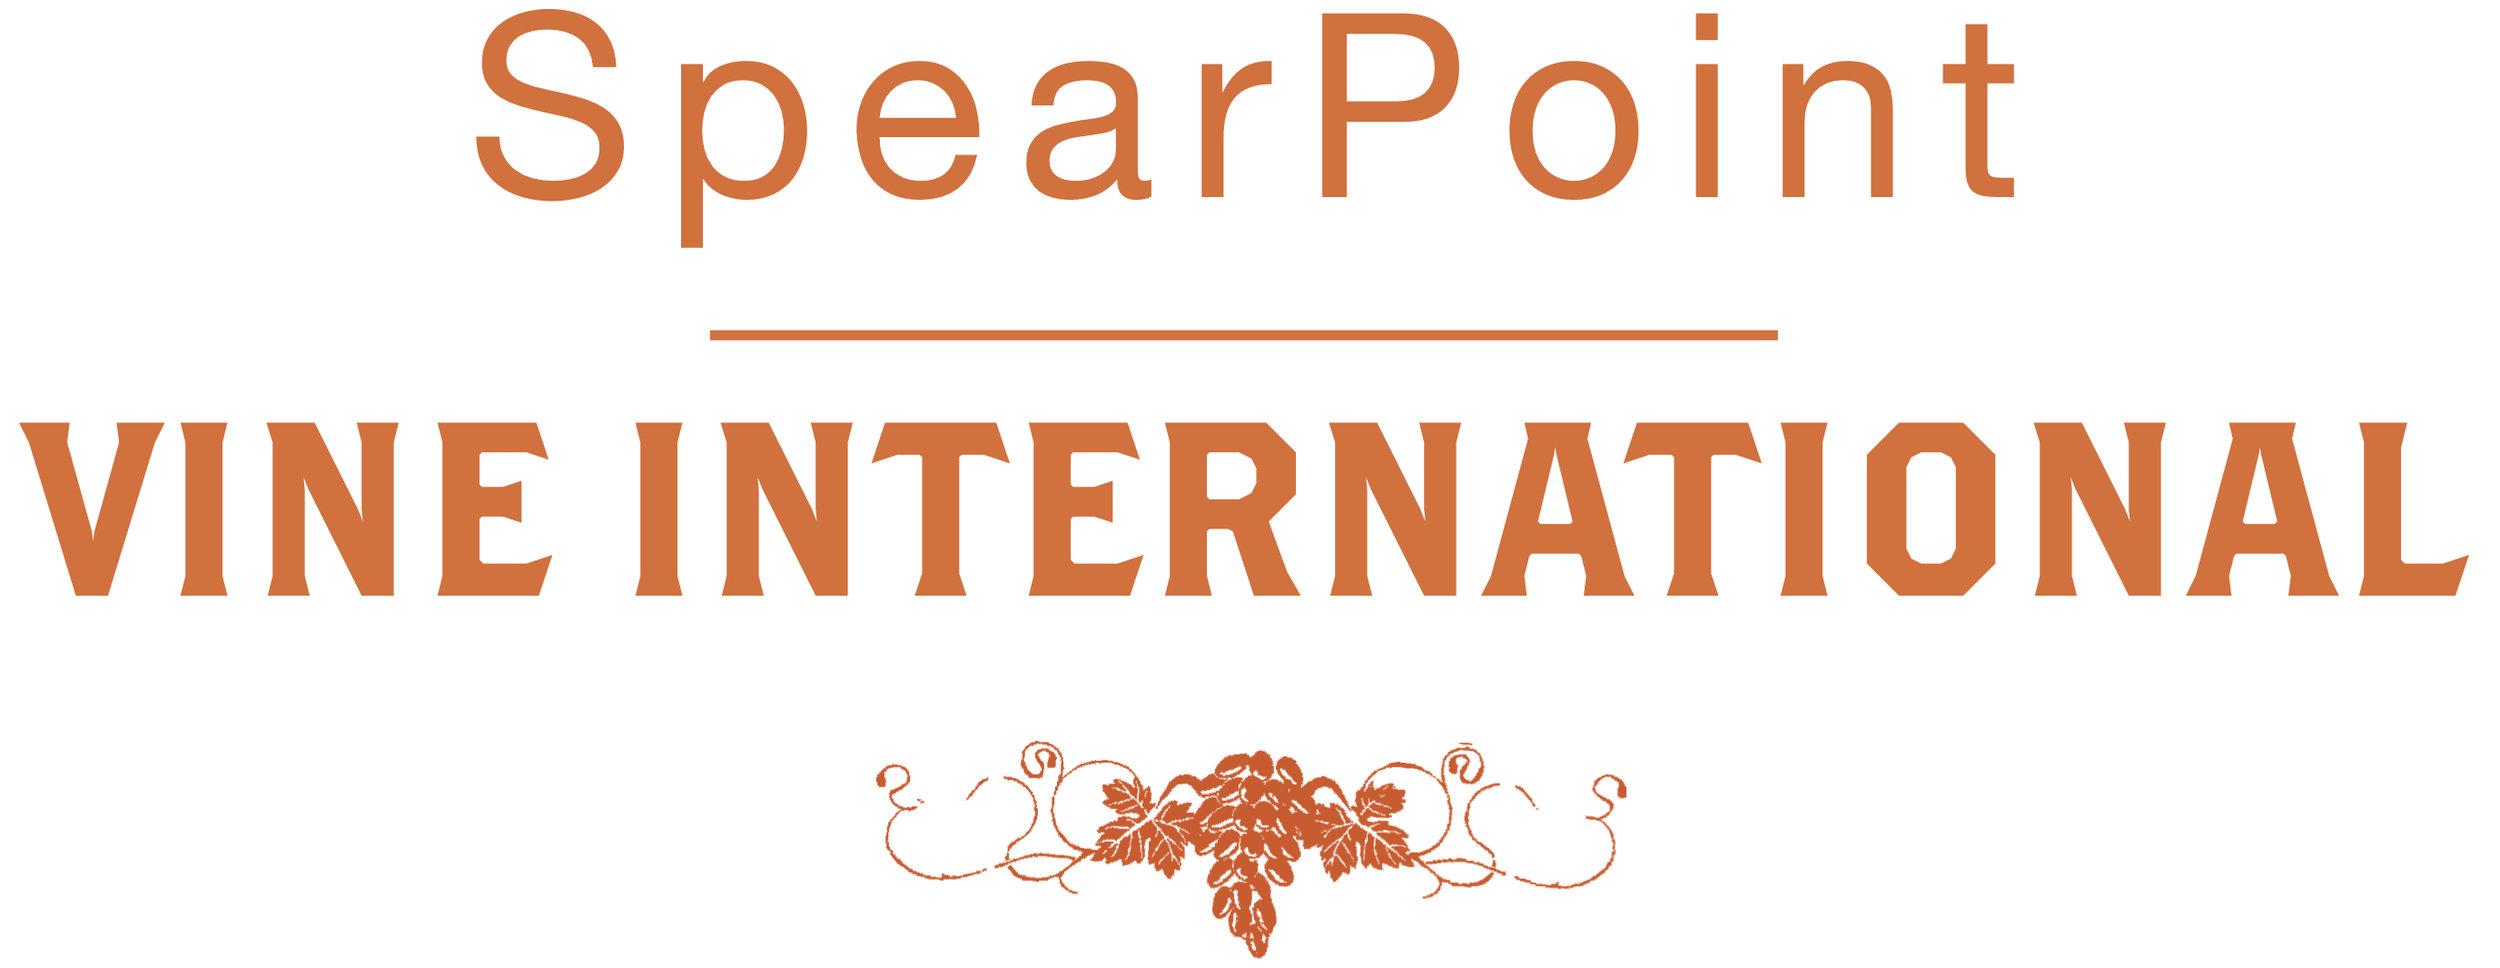 Spearpoint Vine International.jpg